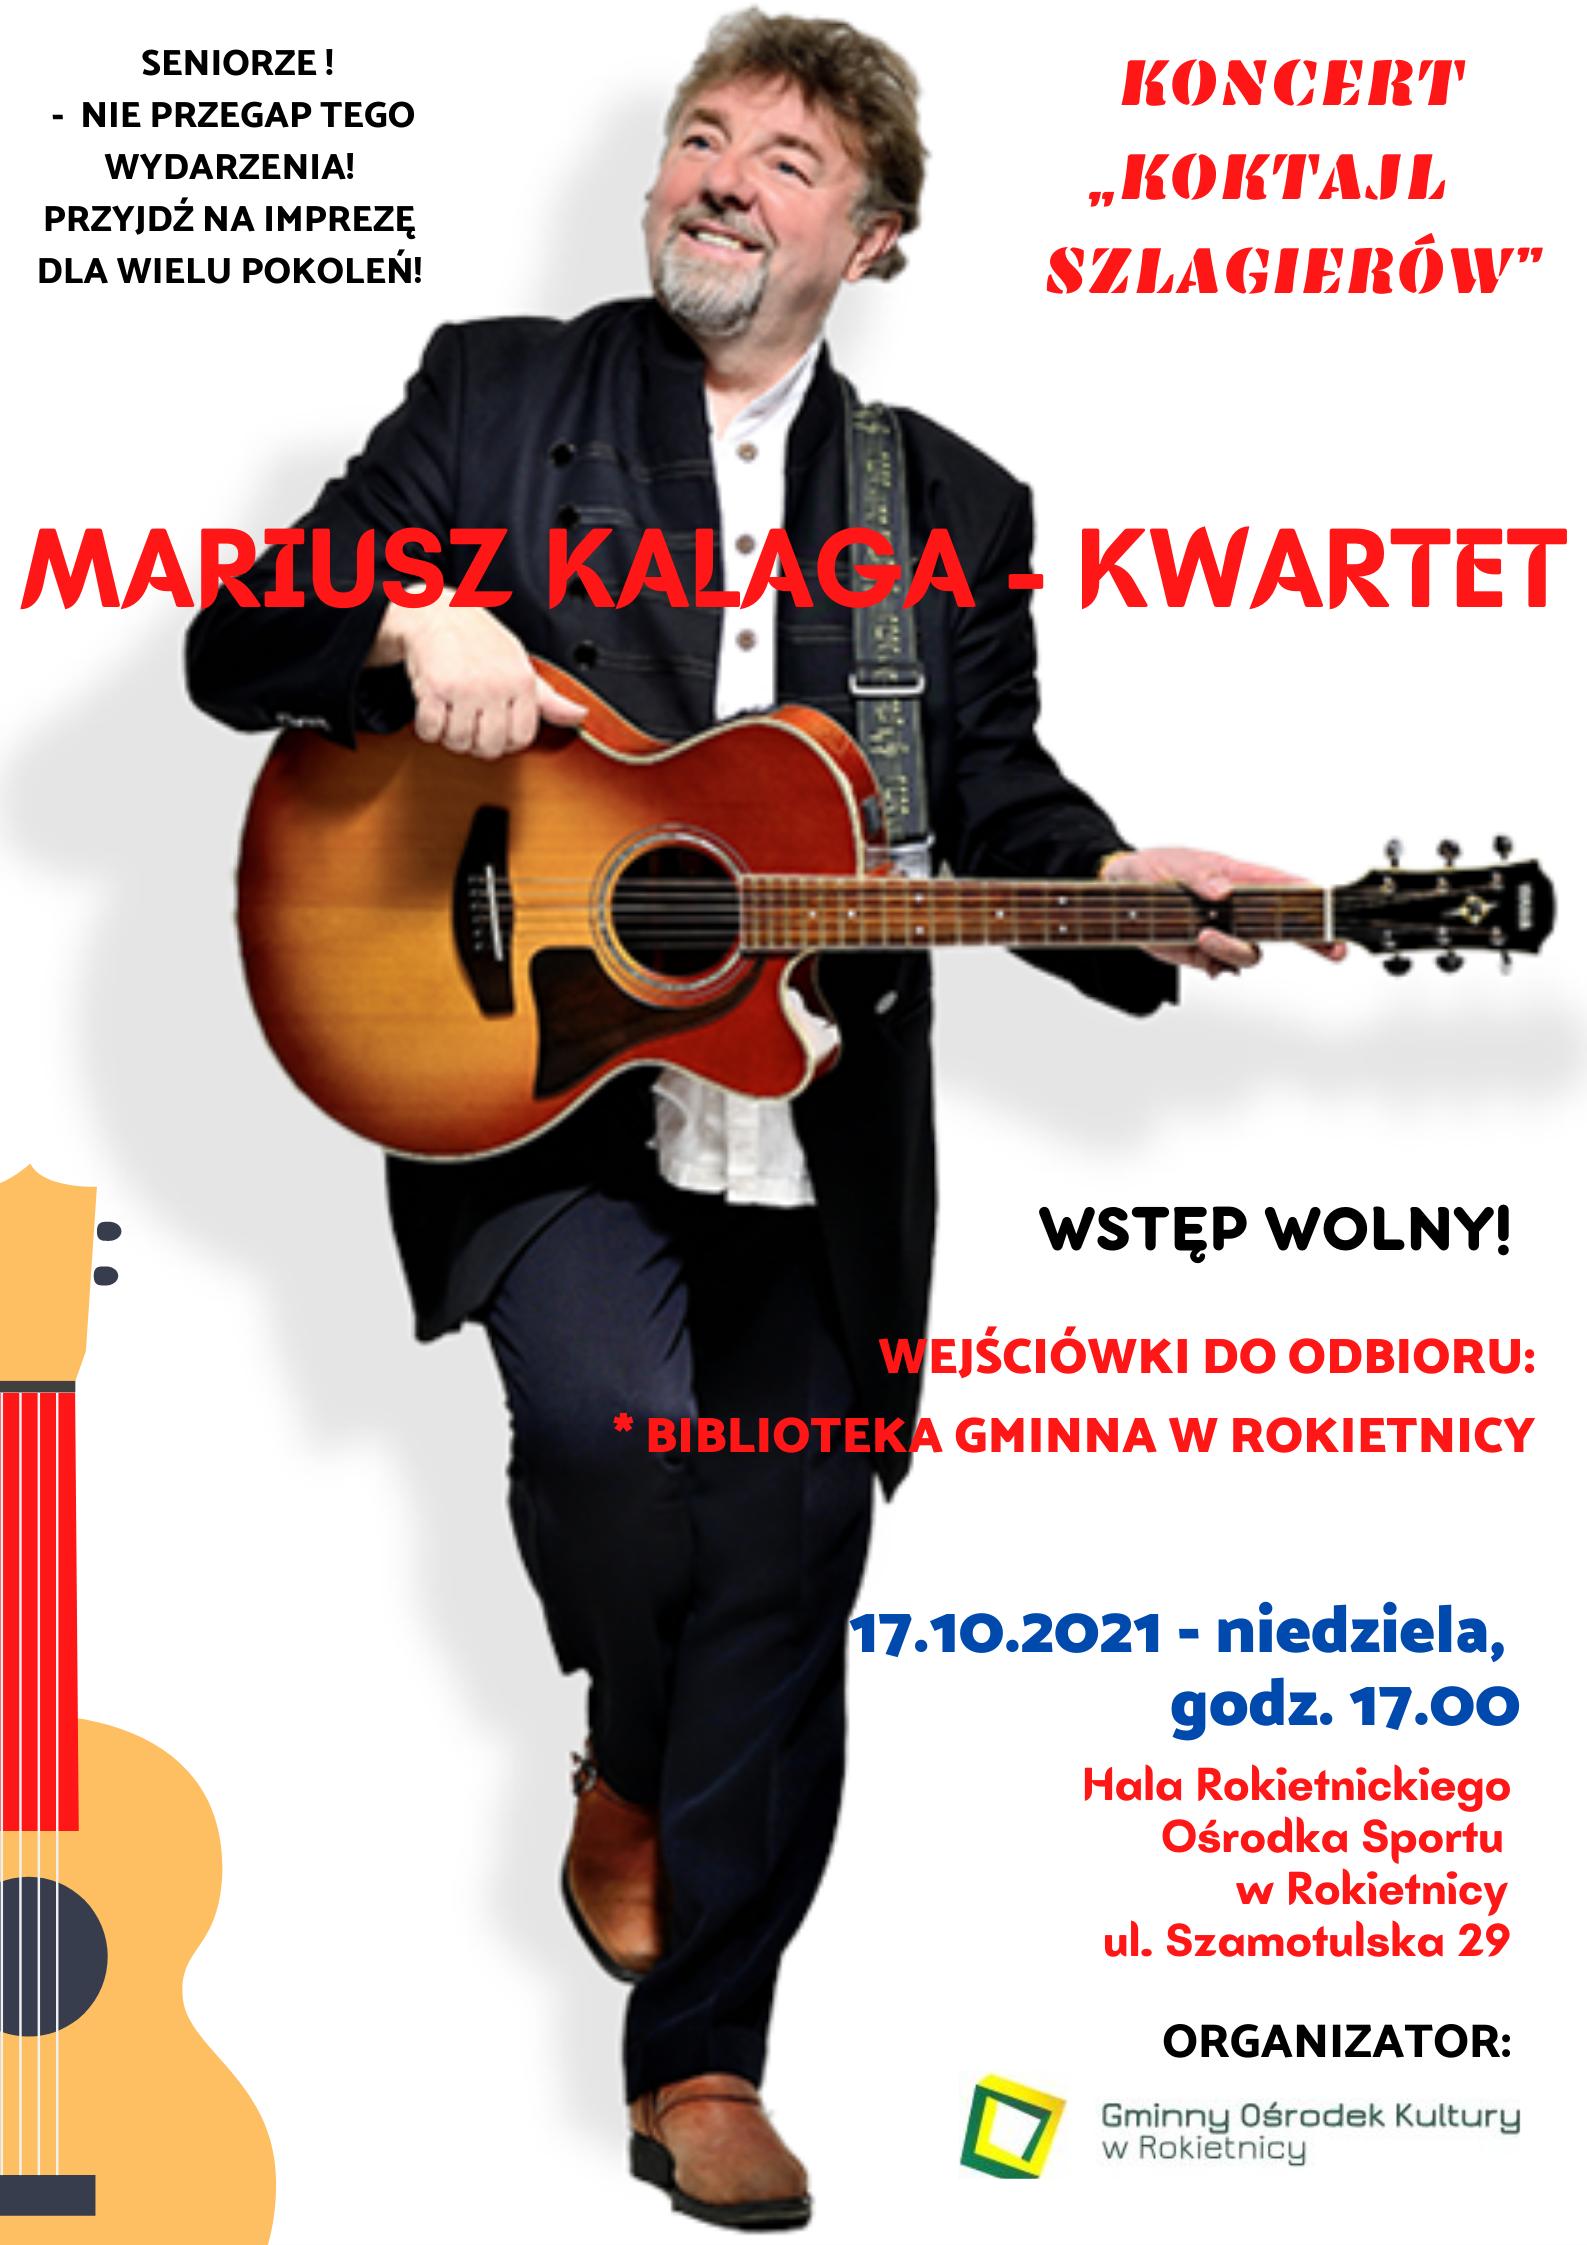 """Na plakacie na białym tle zdjęcie Mariusza Kalagi z gitarą w ręku, patrzącego w prawo. SENIORZE! - NIE PRZEGAP TEGO WYDARZENIA! PRZYJDŹ NA IMPREZĘ DLA WIELU POKOLEŃ! KONCERT """"KOKTAJL SZLAGIERÓW"""" MARIUSZ KALAGA - KWARTET WSTĘP WOLNY! WEJŚCIÓWKI DO ODBIORU: * BIBLIOTEKA GMINNA W ROKIETNICY 17.10.2021 - niedziela, godz. 17.00 Hala Rokietnickiego Ośrodka Sportu w Rokietnicy ul. Szamotulska 29 ORGANIZATOR: logotyp Gminnego Ośrodka Kultury w Rokietnicy"""